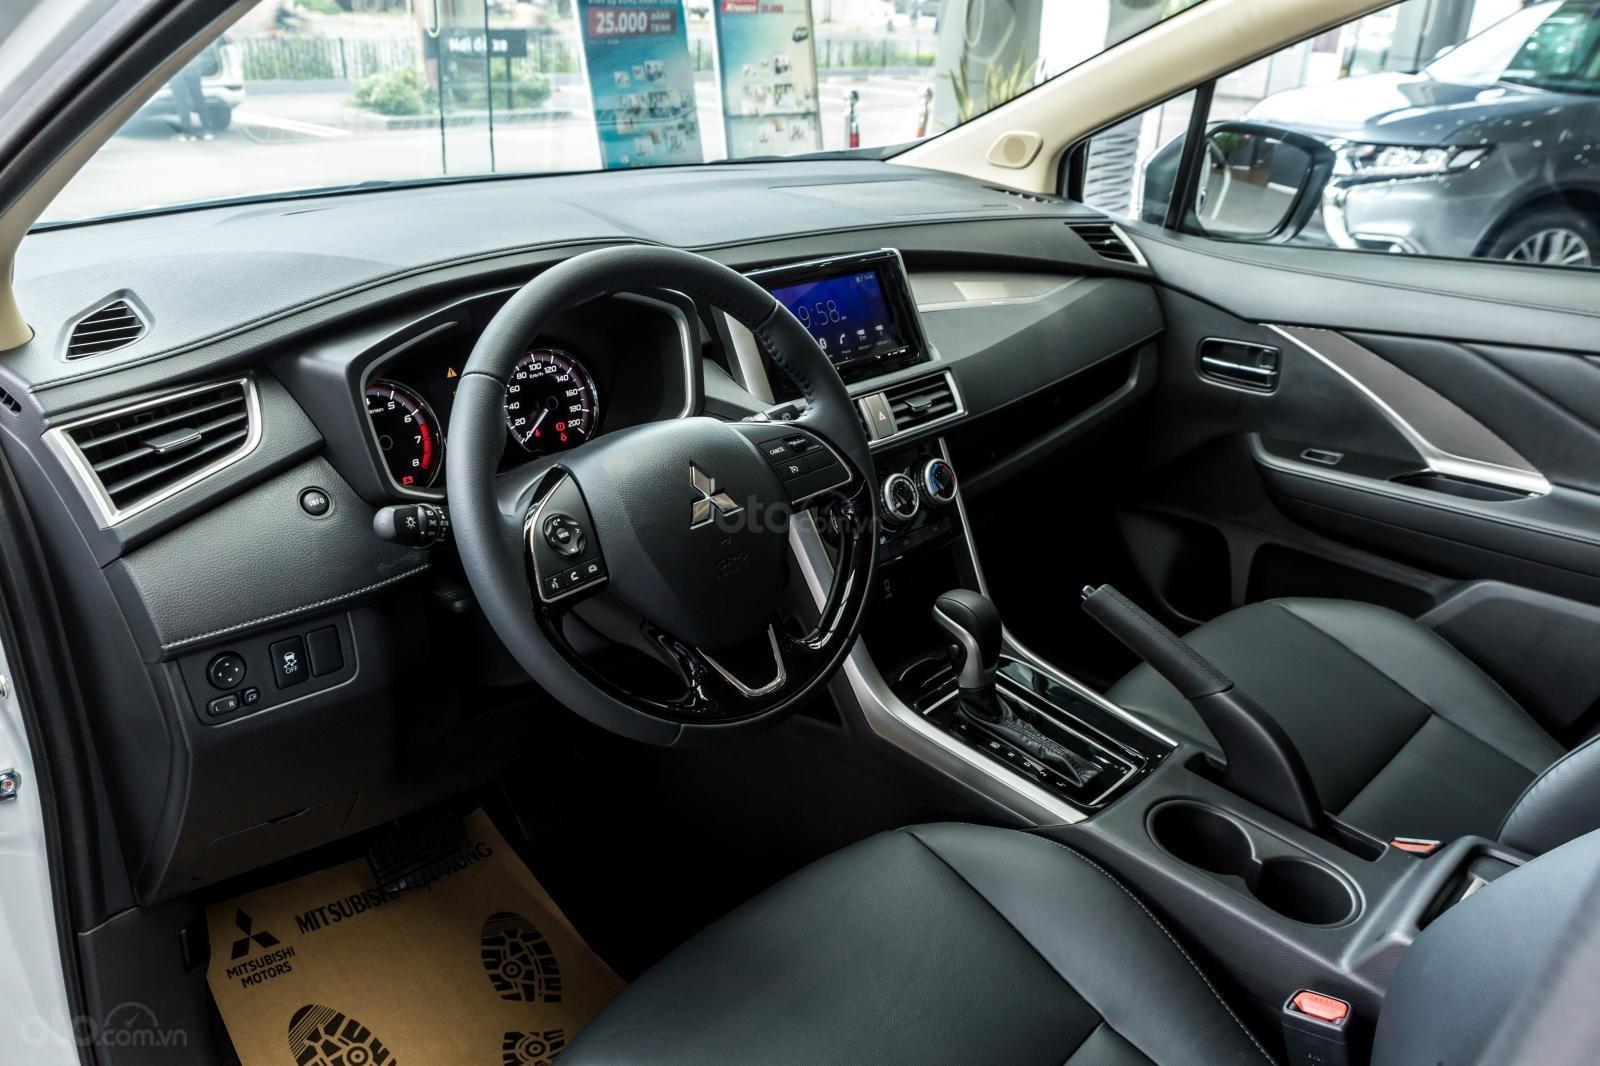 Giá xe Xpander AT 2020 nhập khẩu và lắp ráp VN tốt nhất tại Bình Dương, xe có sẵn giao ngay (4)